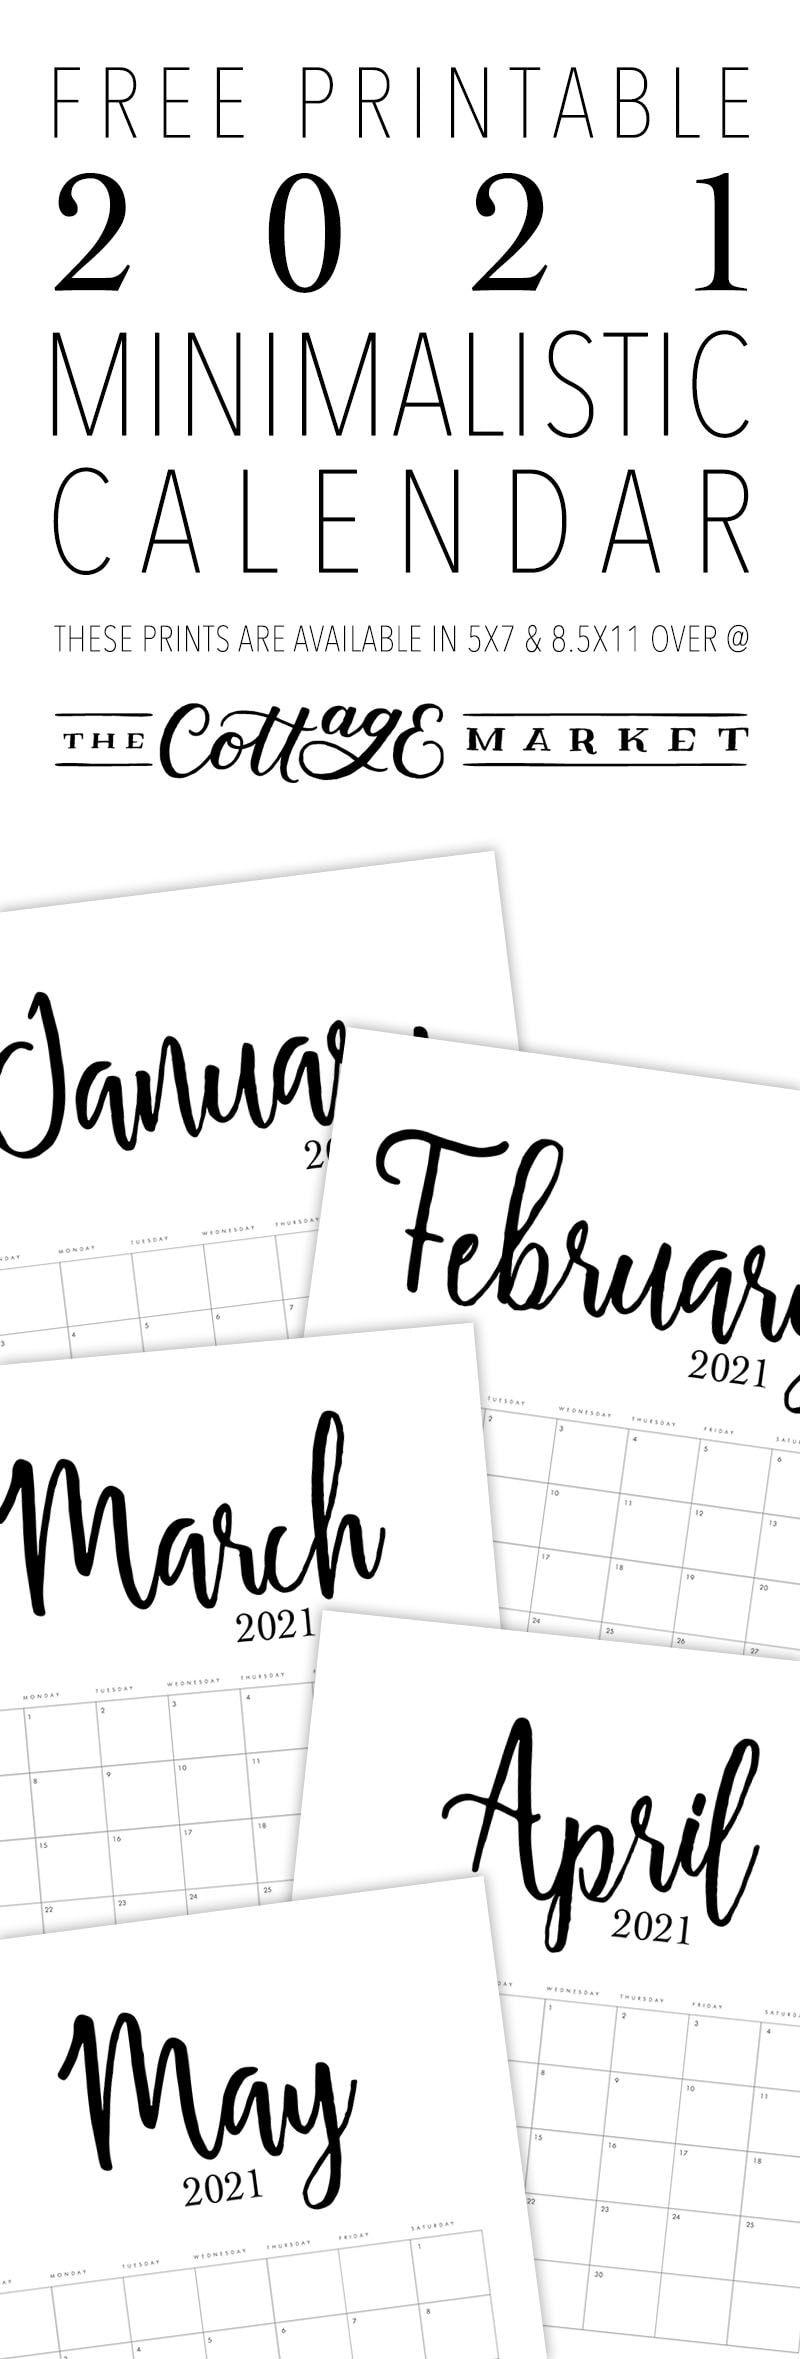 Free Printable 2021 Minimalist Calendar The Cottage